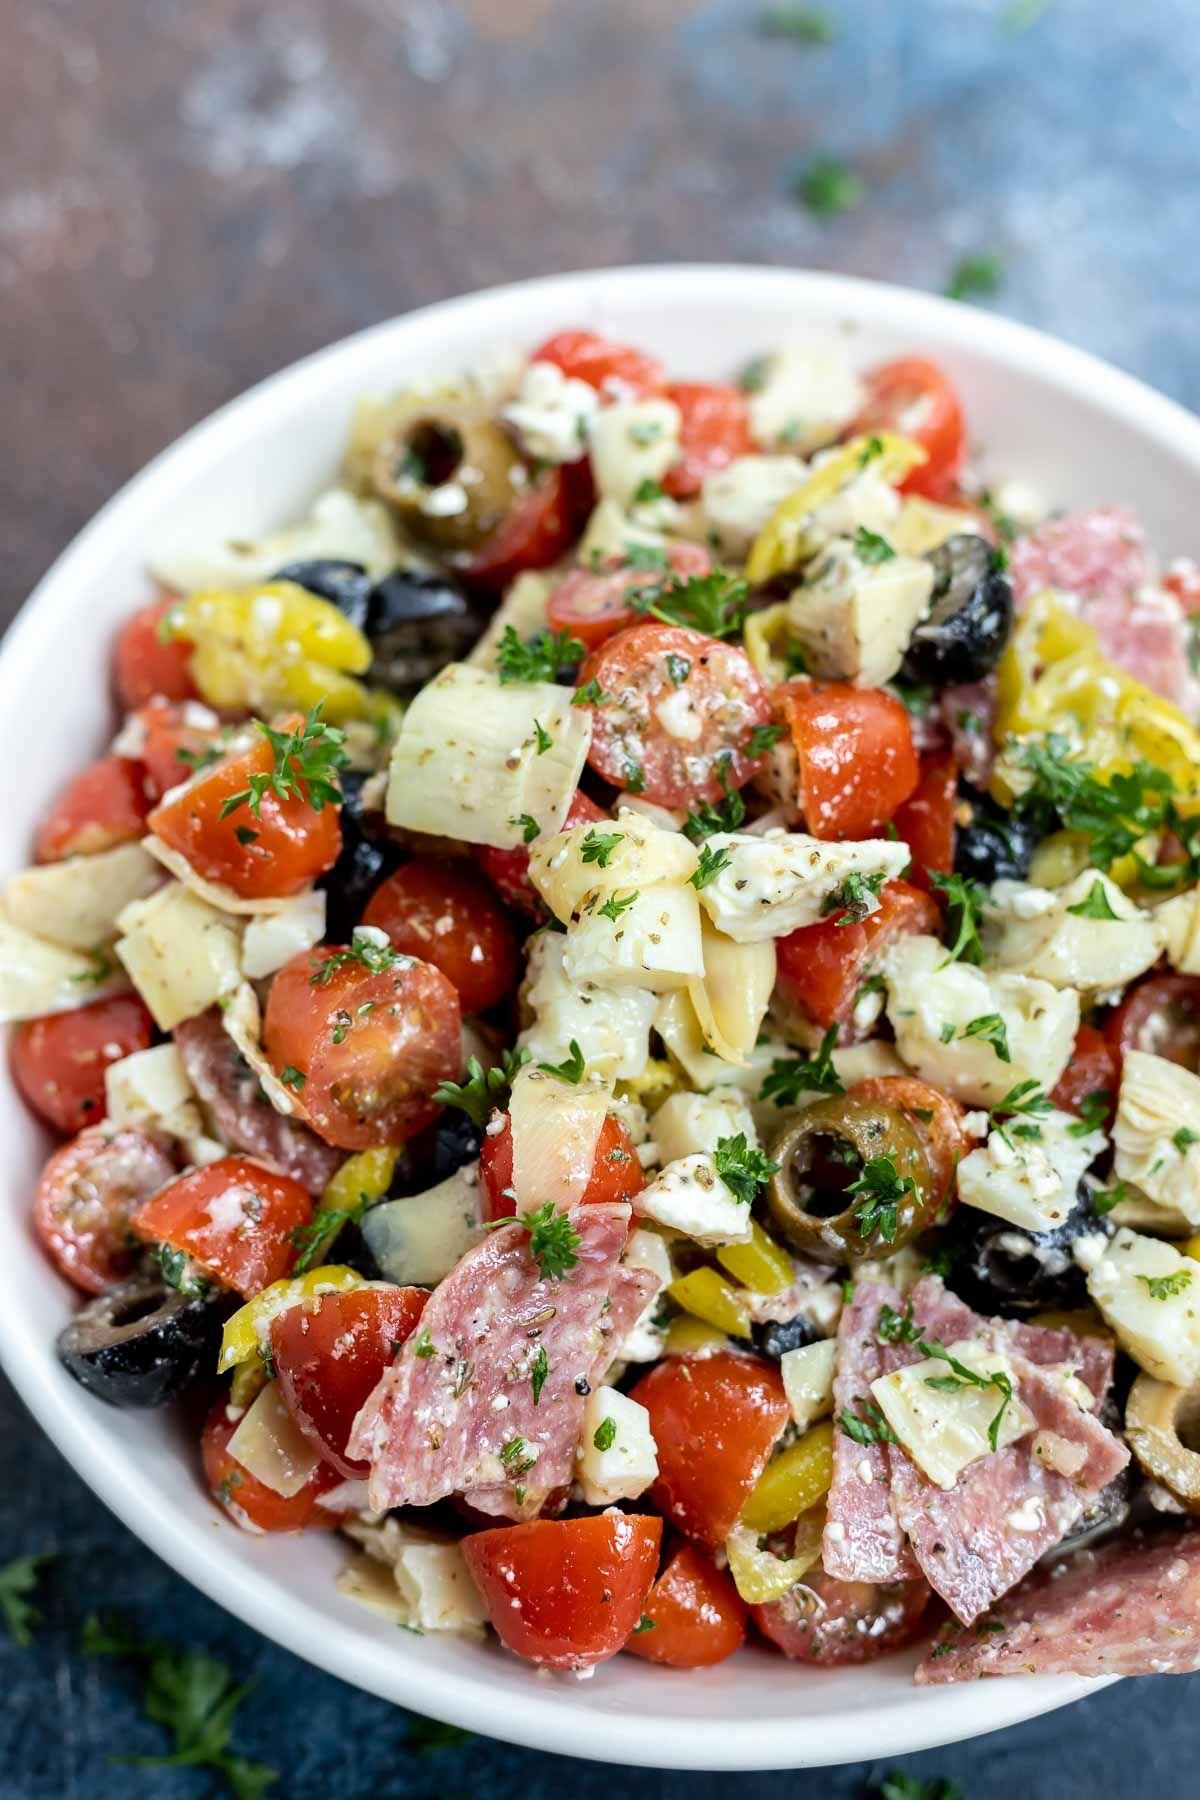 This Low Carb Antipasto Salad Recipe